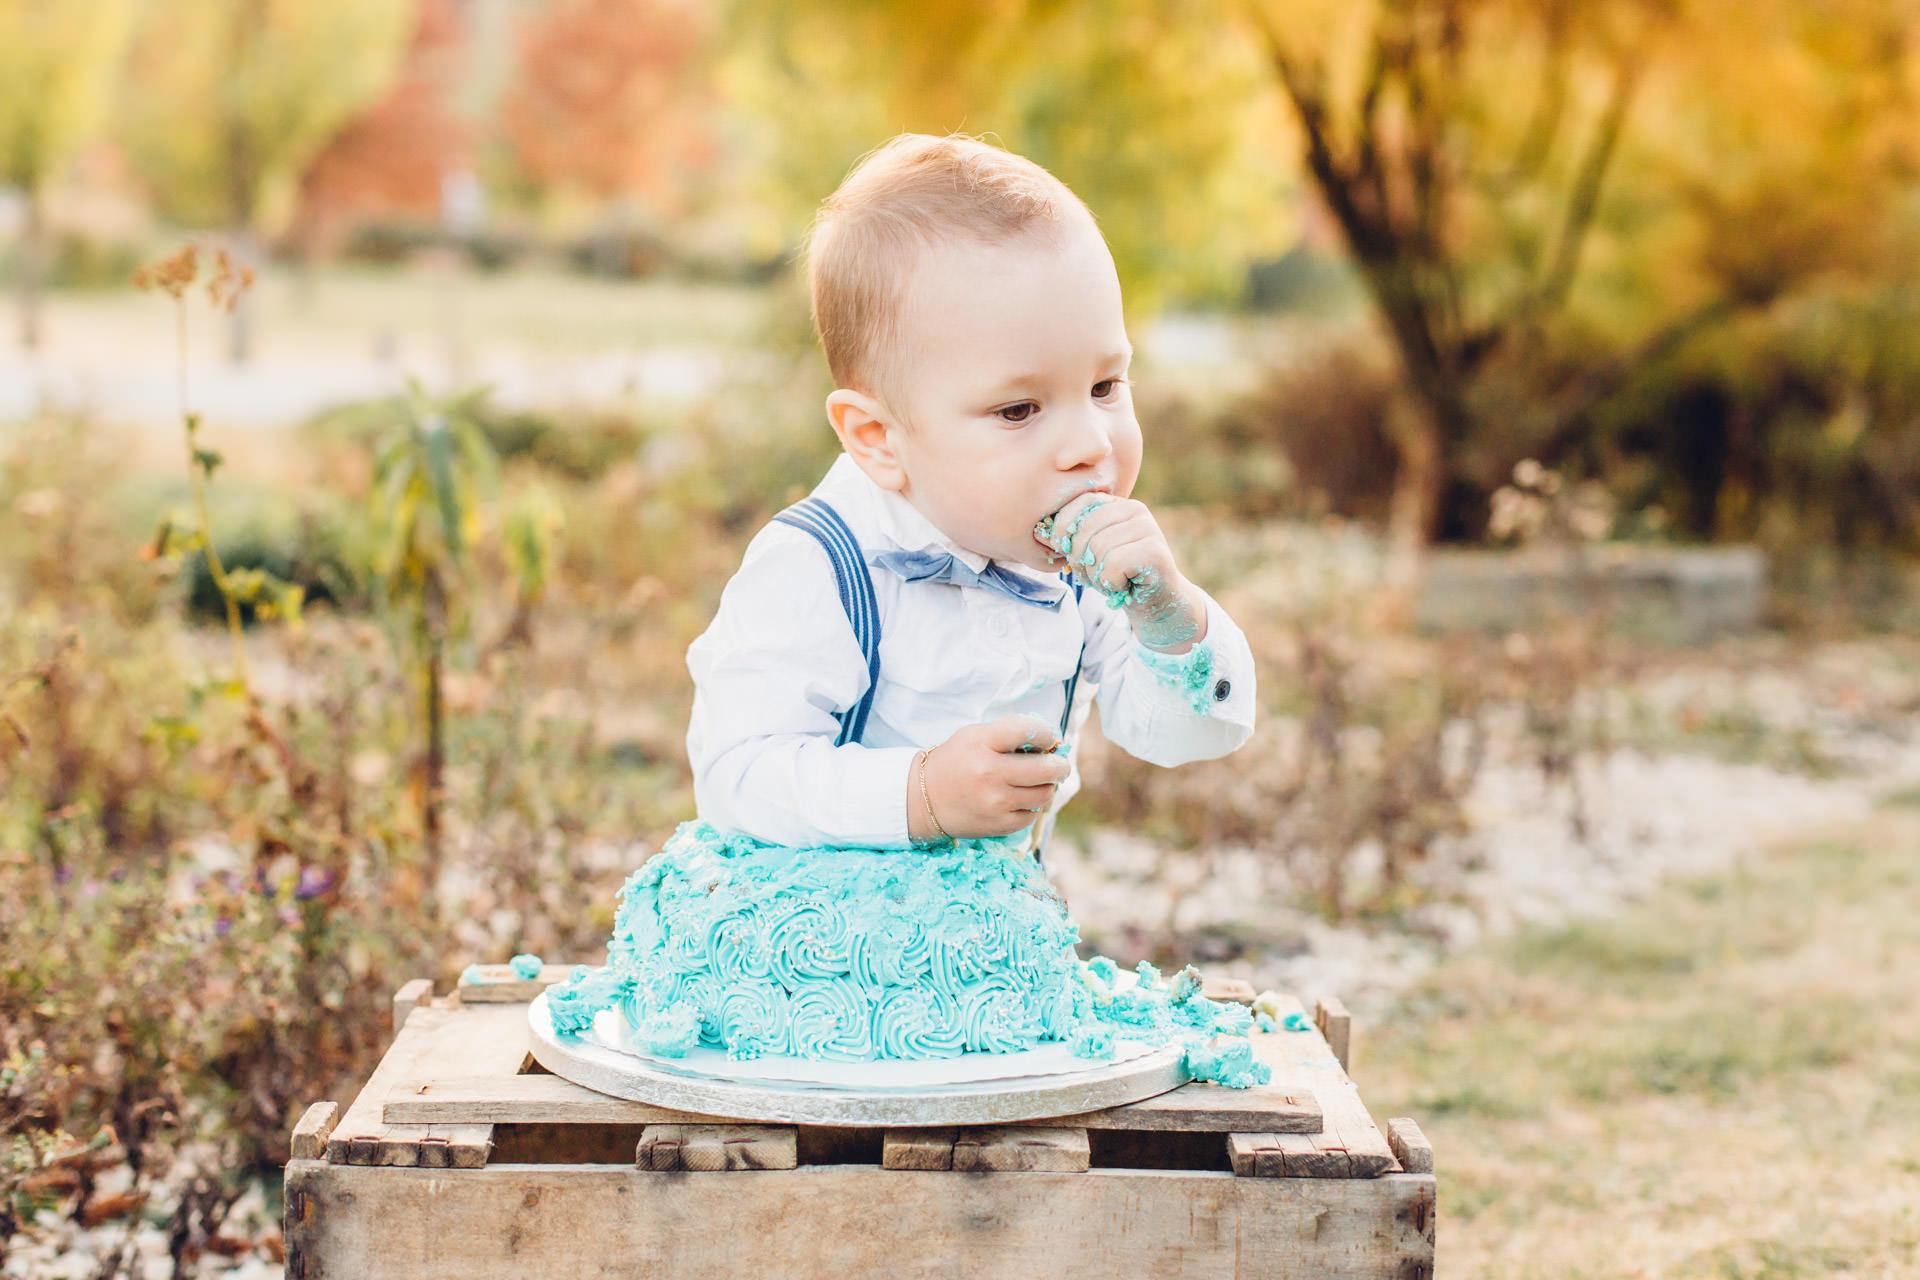 Cake Smash Fotosohooting mit hellblauer pastellfarbener Cremetorte